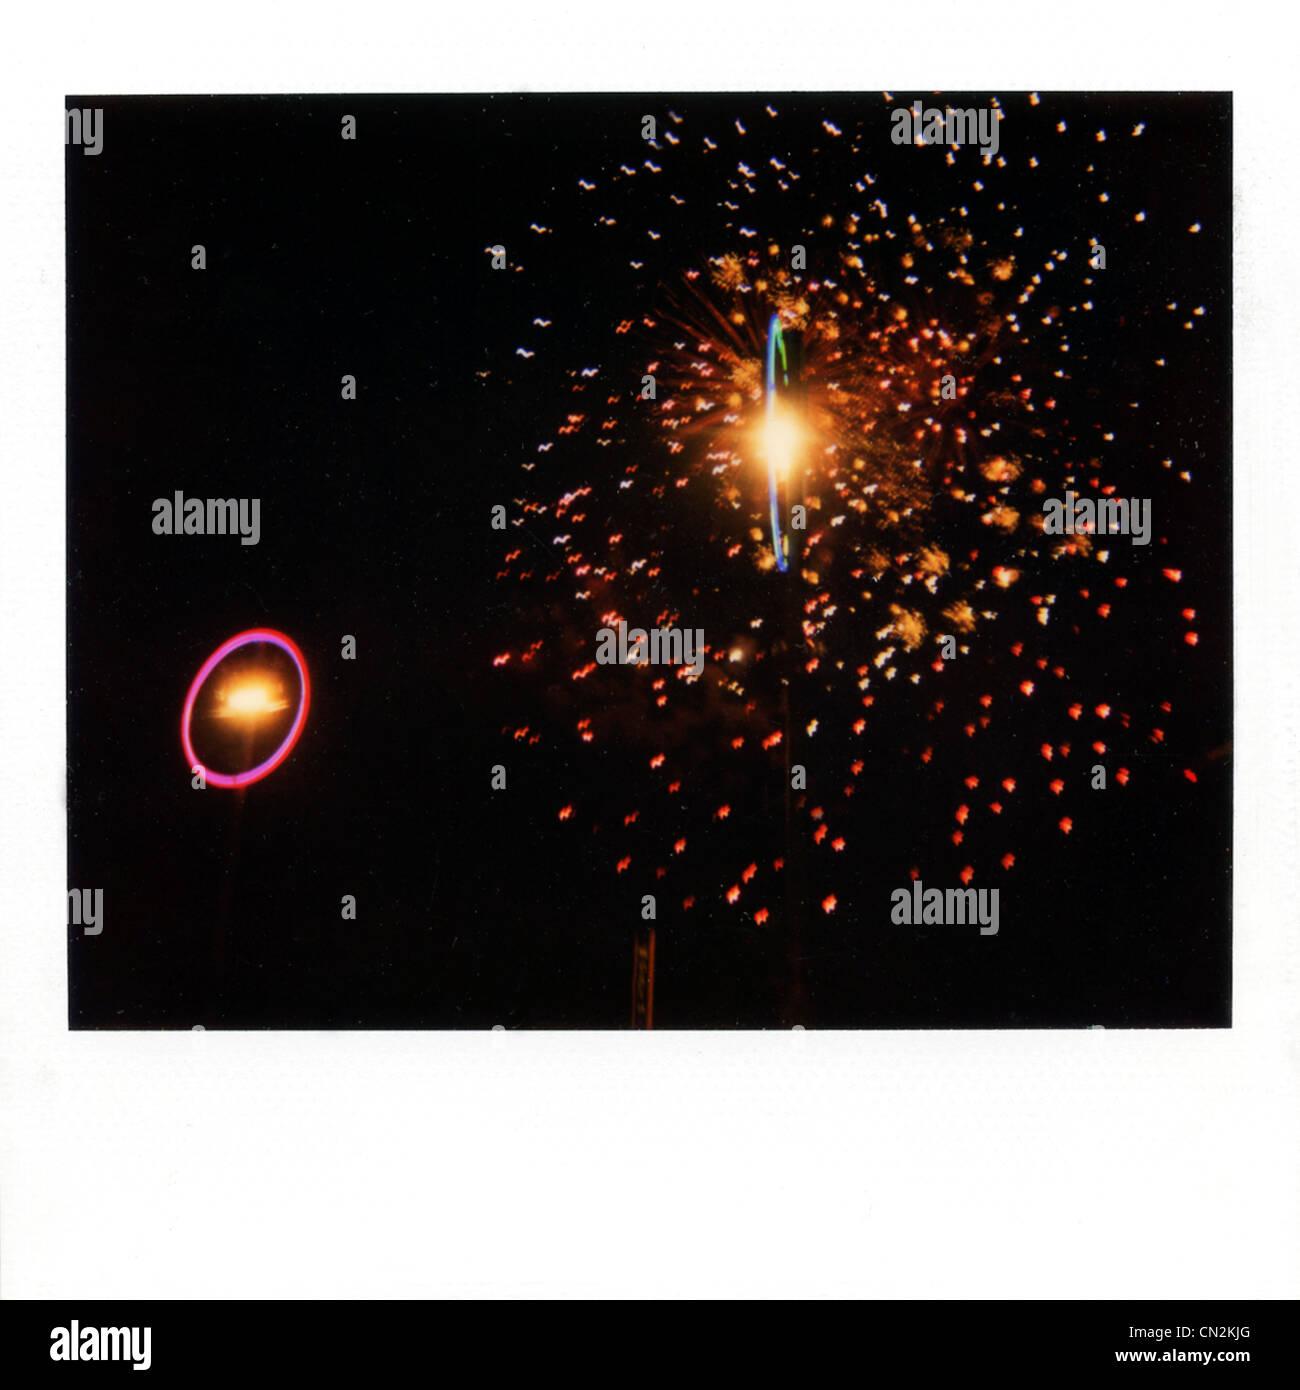 Película instantánea fotografía de fuegos artificiales Imagen De Stock